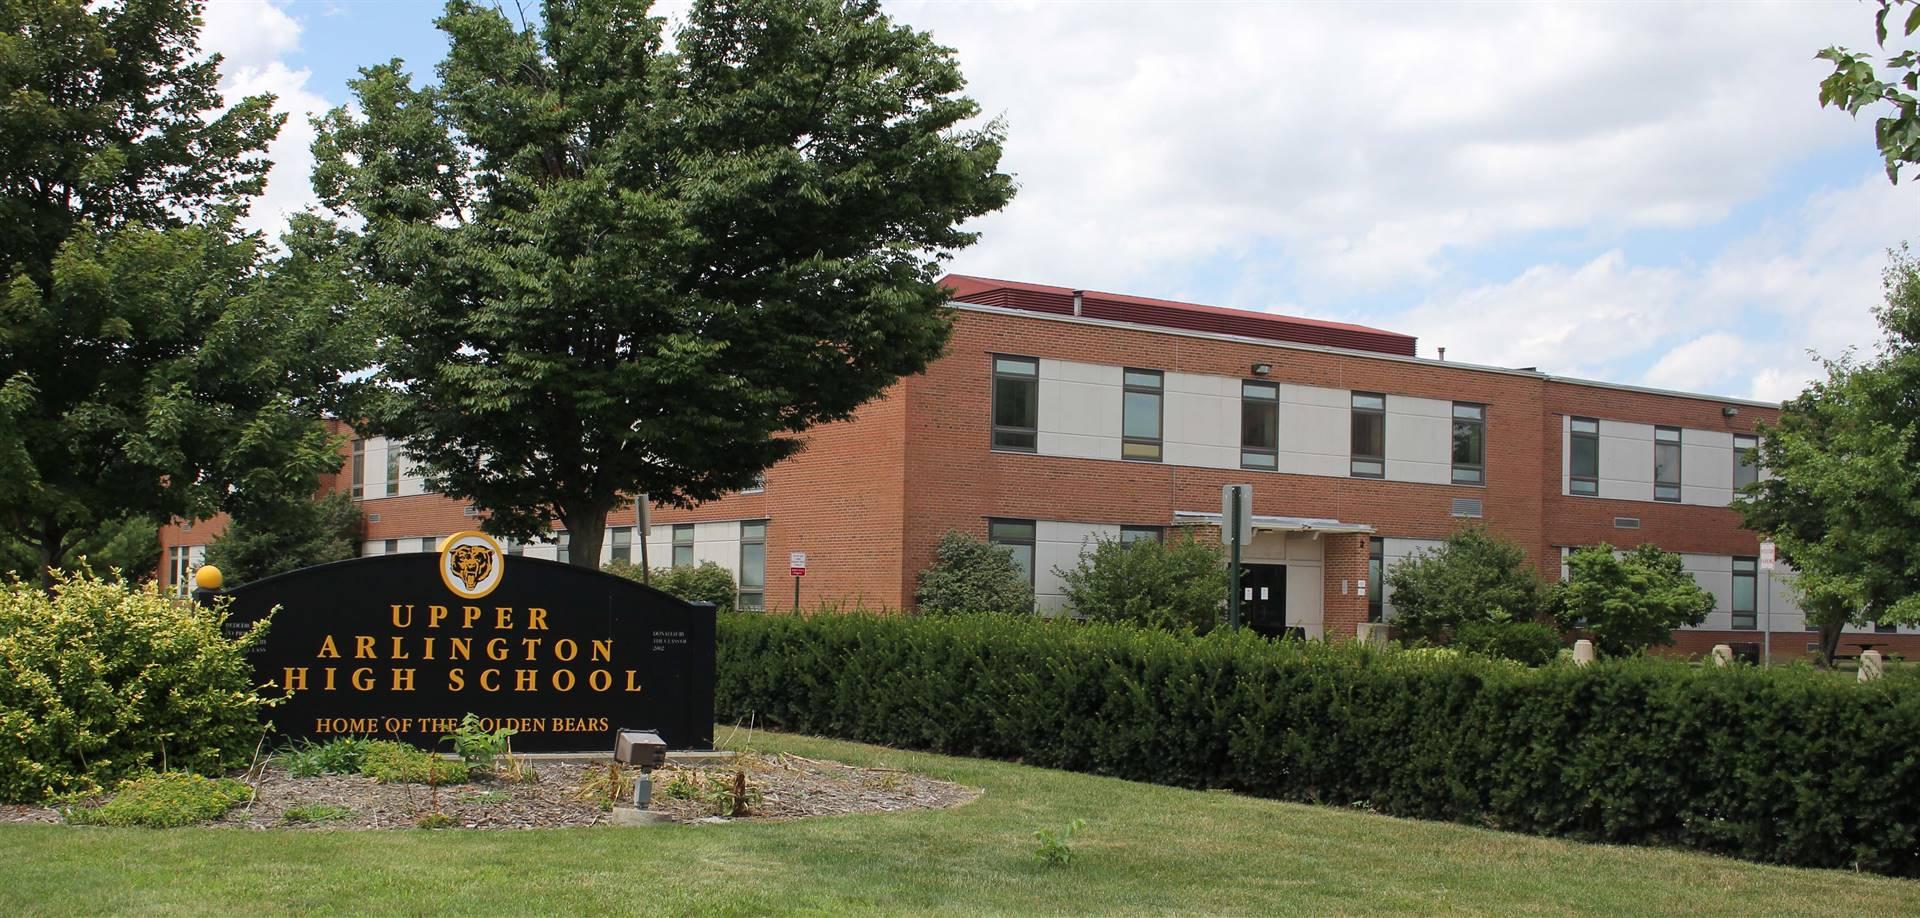 Exterior view of Upper Arlington High School along Ridgeview Road